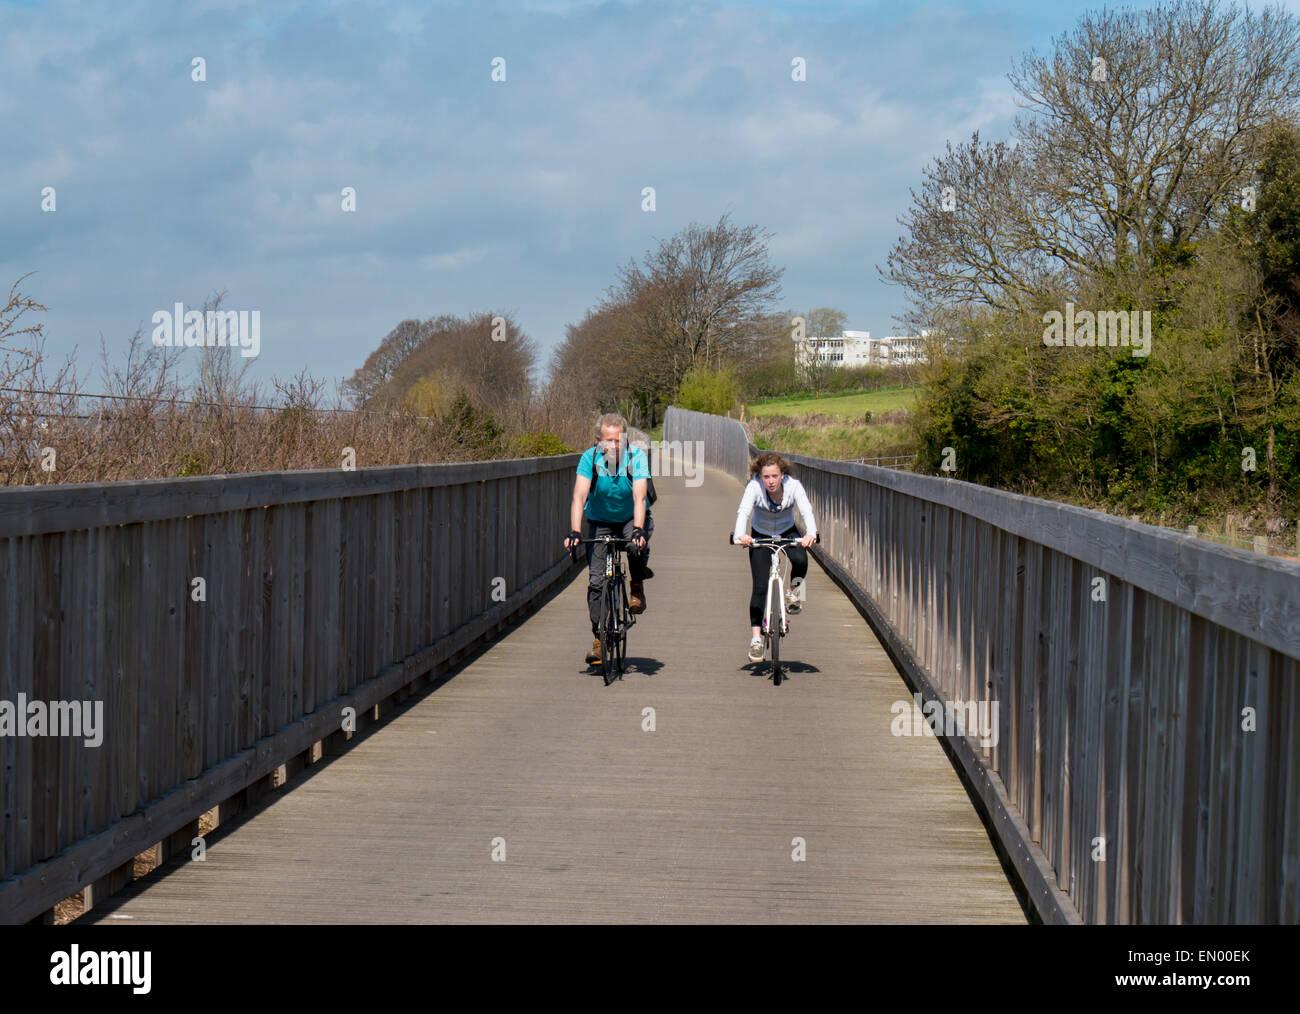 europe, uk, england, devon, Exe estuarycycle path - Stock Image